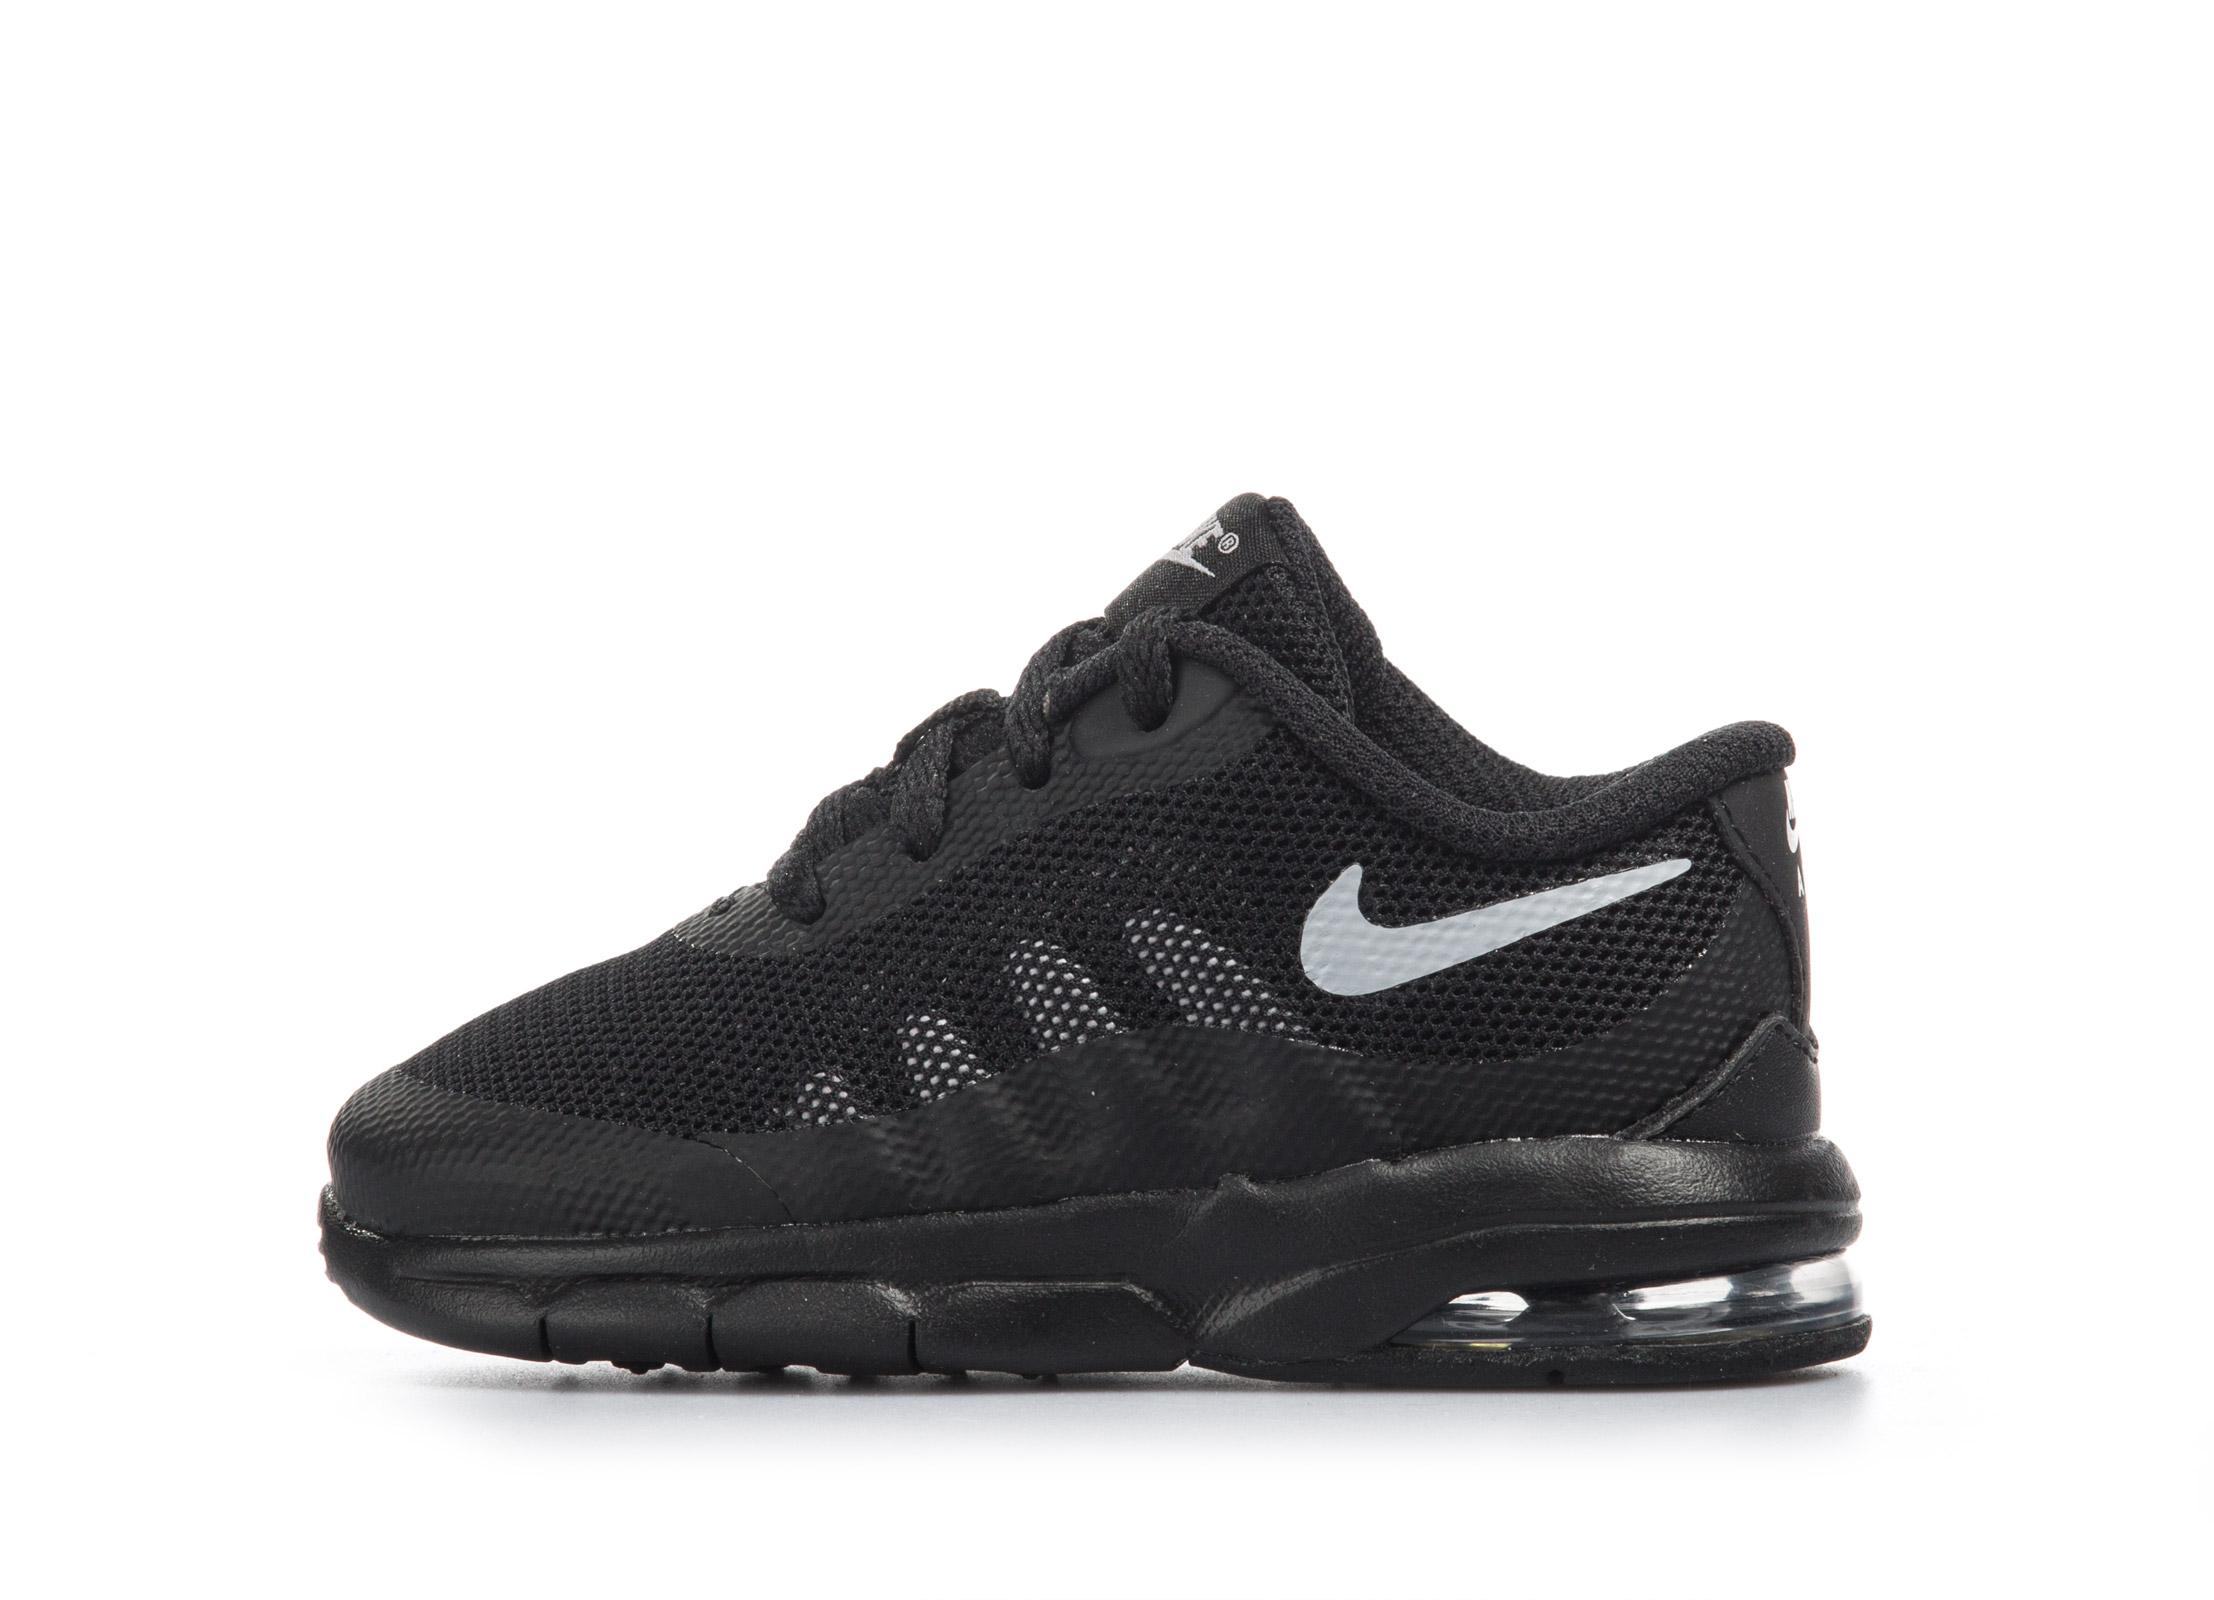 03a068eabcf Nike Air Max Invigor 749574 003   Αθλητικά Παιδικά Παπούτσια ...